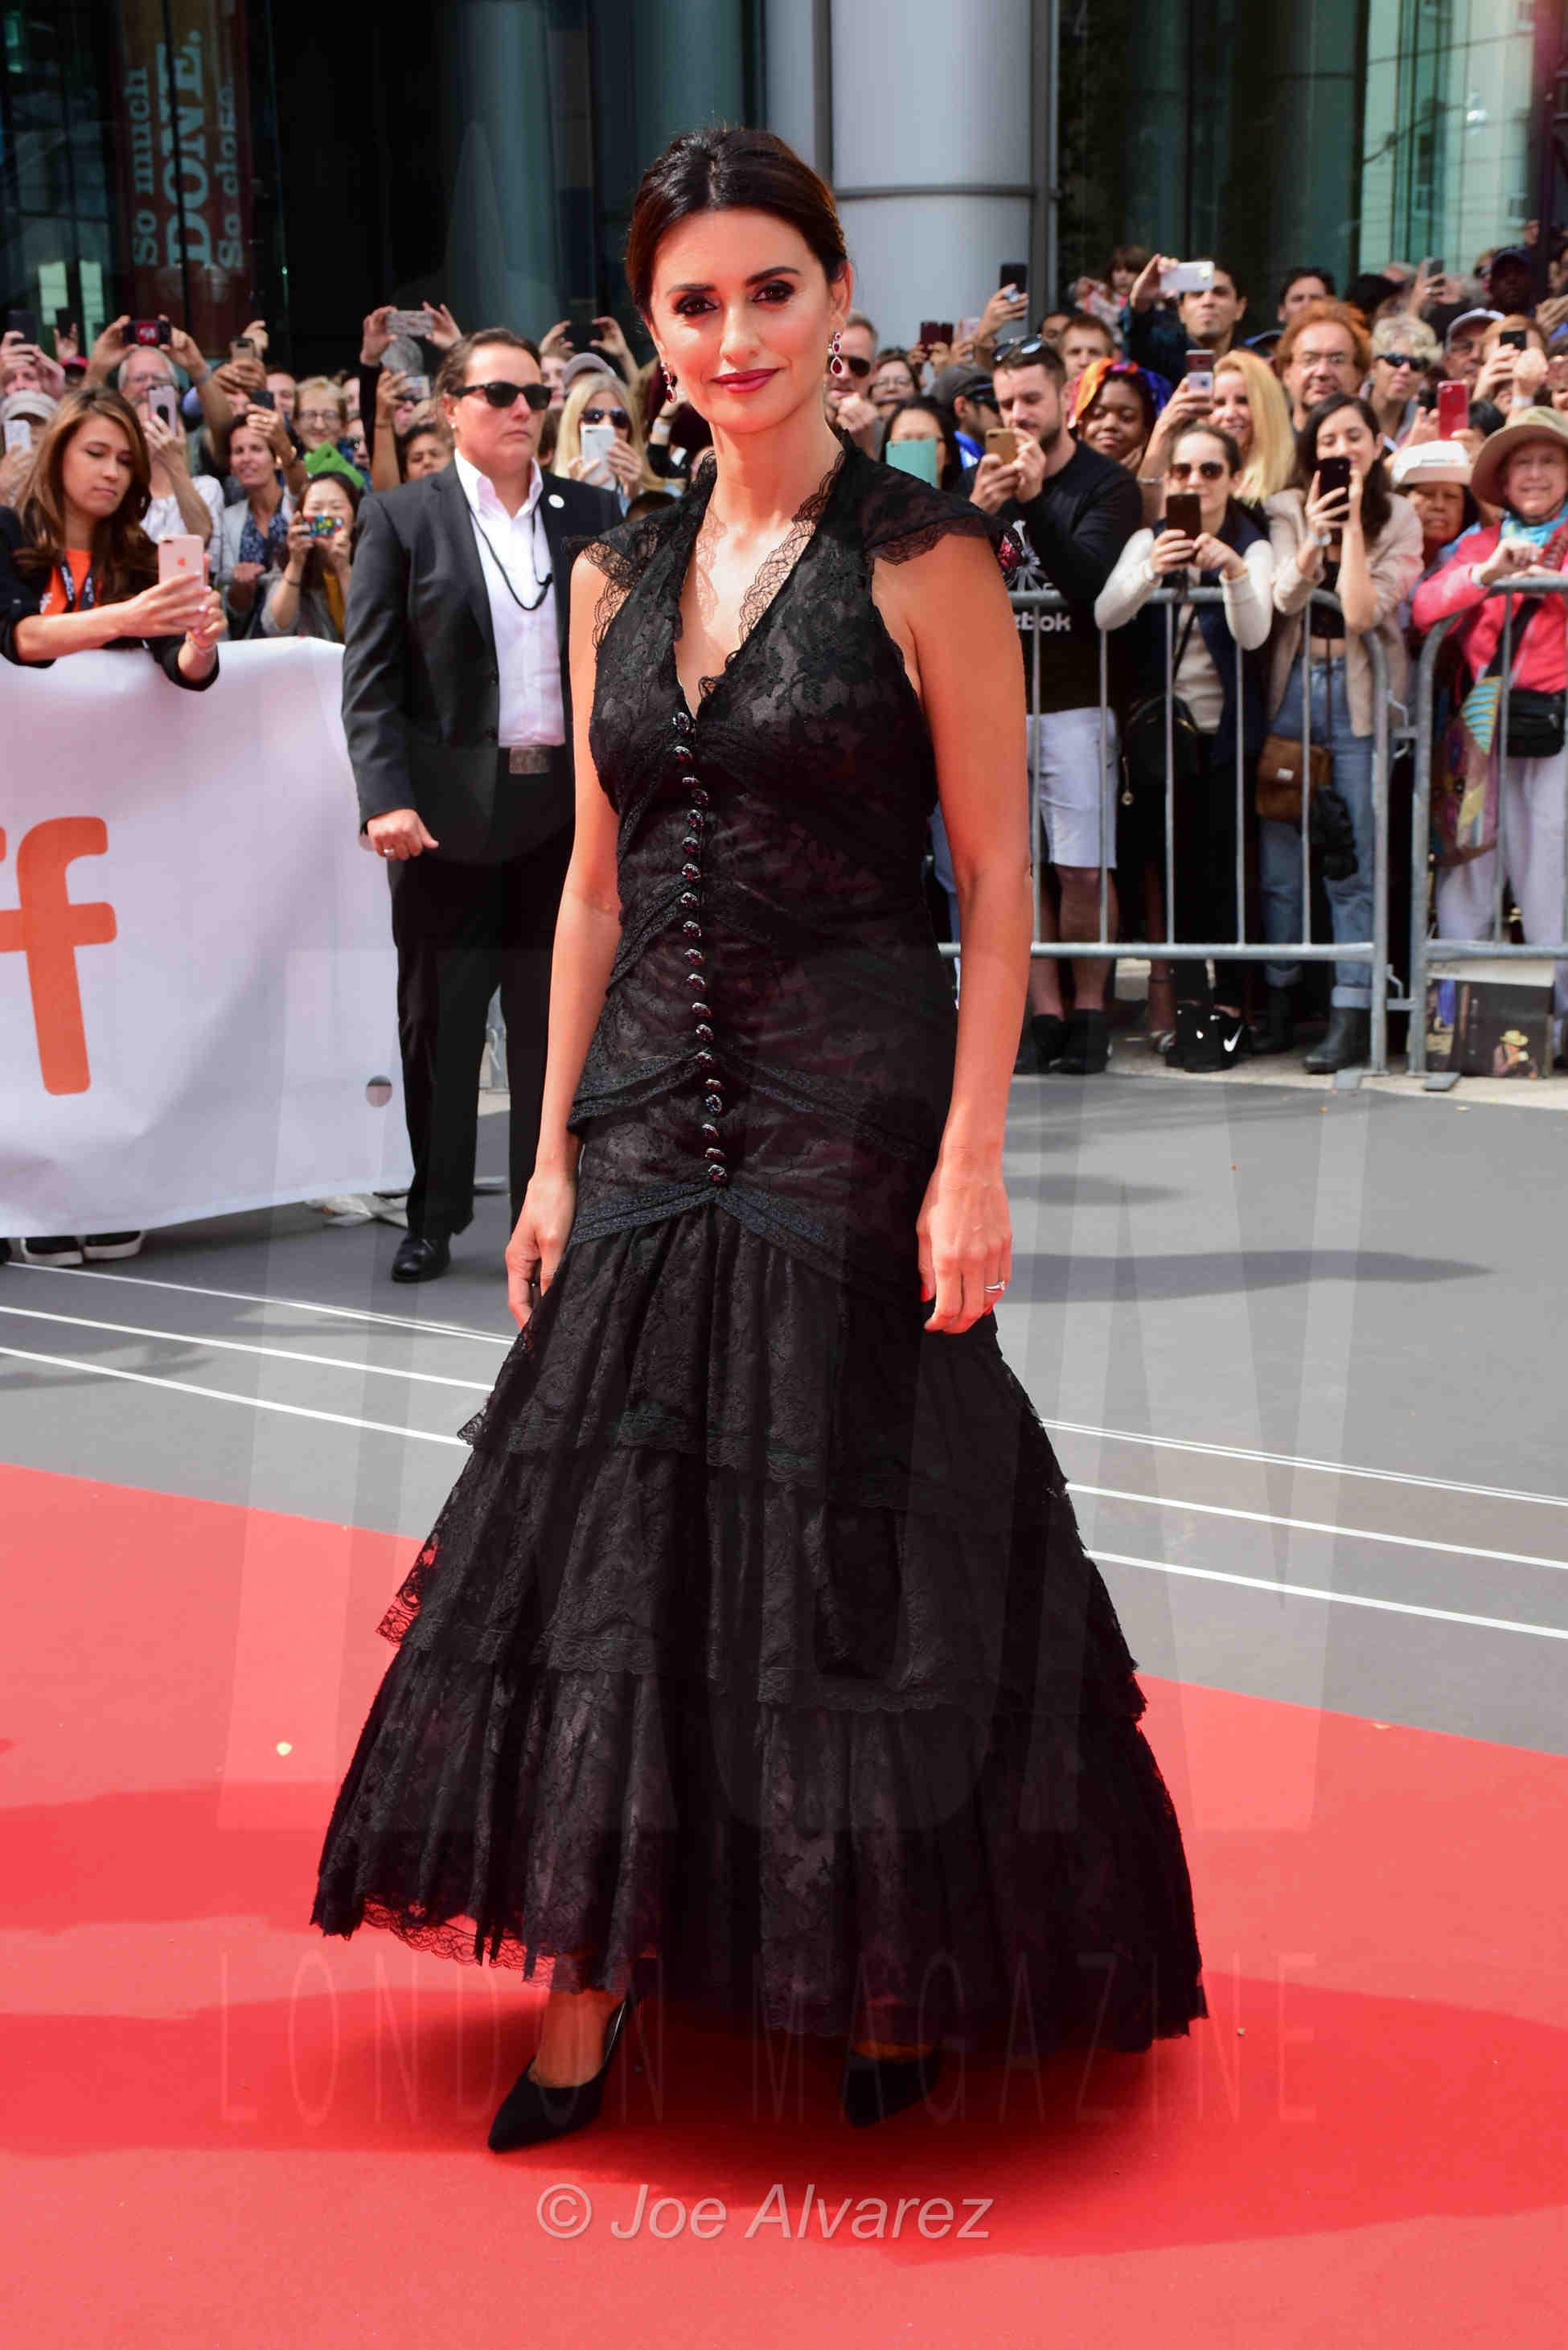 Penelope Cruz at the Toronto premiere of Everybody knows TIFF © Joe Alvarez